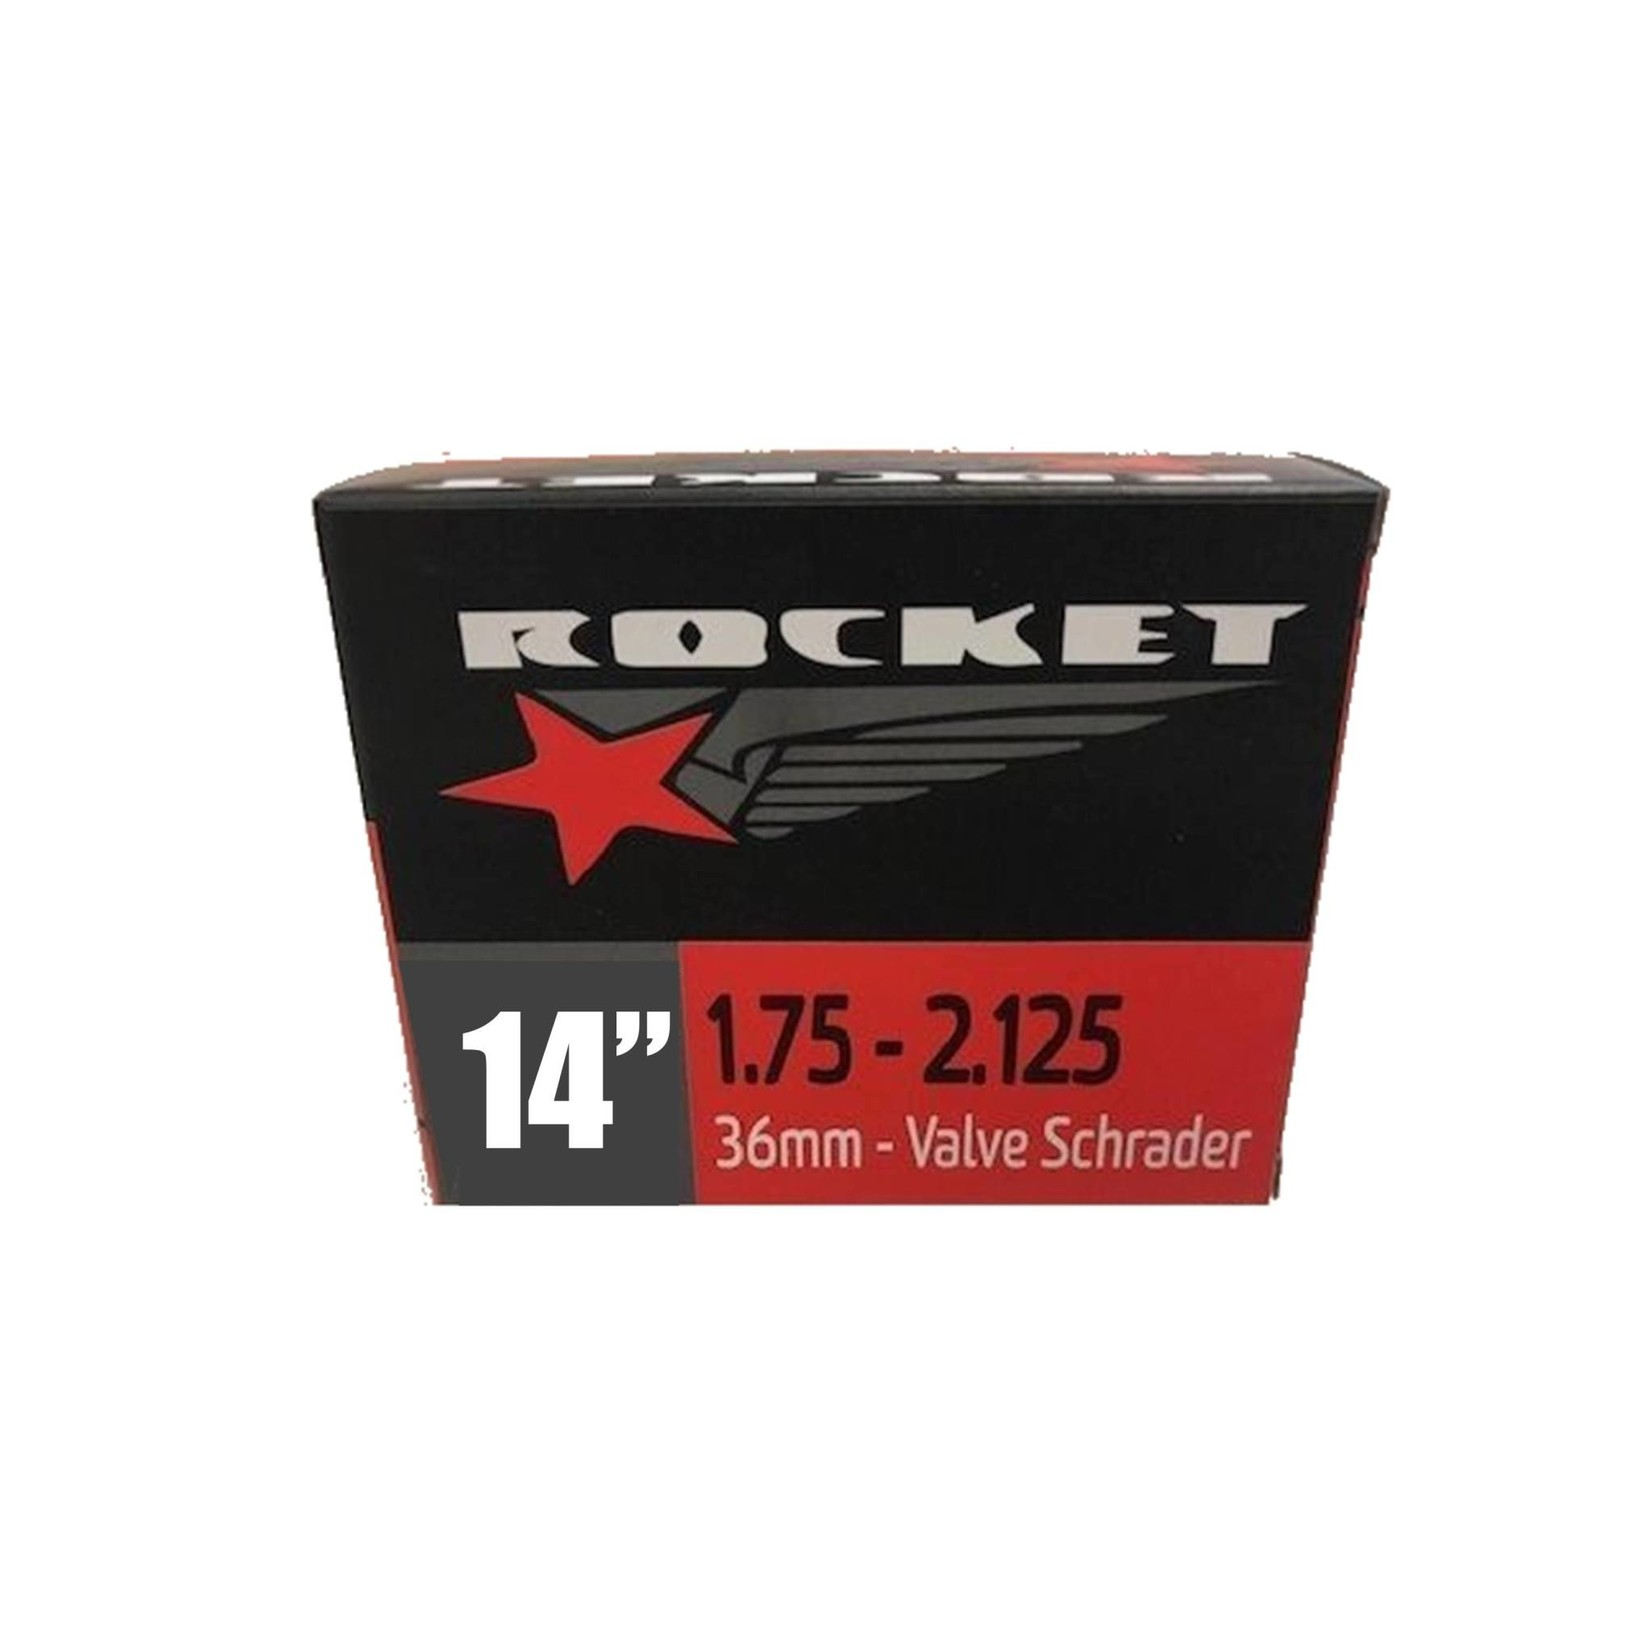 Rocket 14 x 1.75/2.125 Schrader Tube